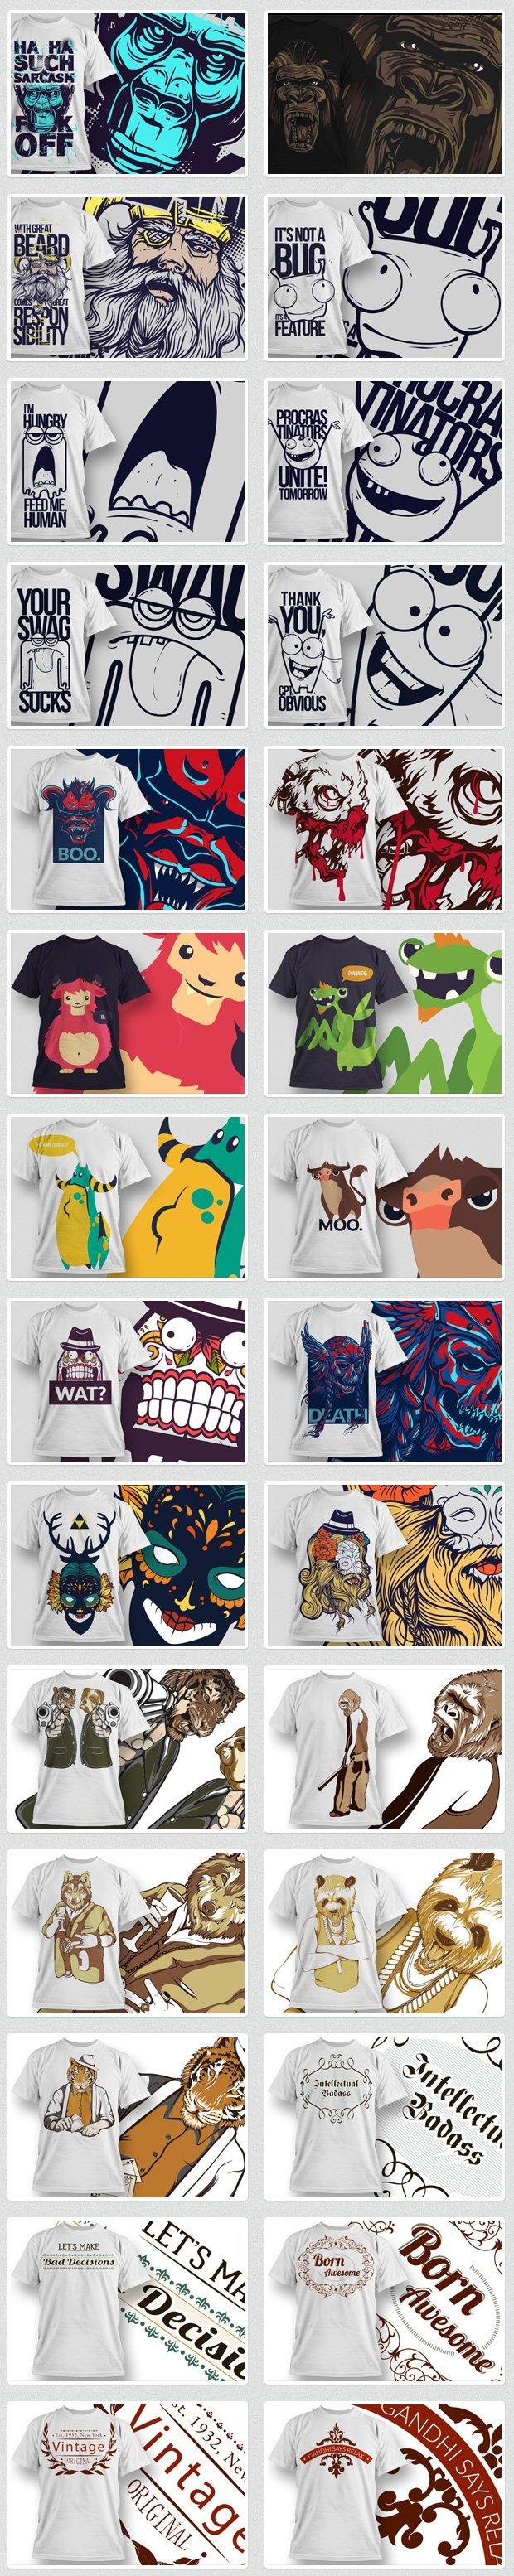 tshirts2-epic